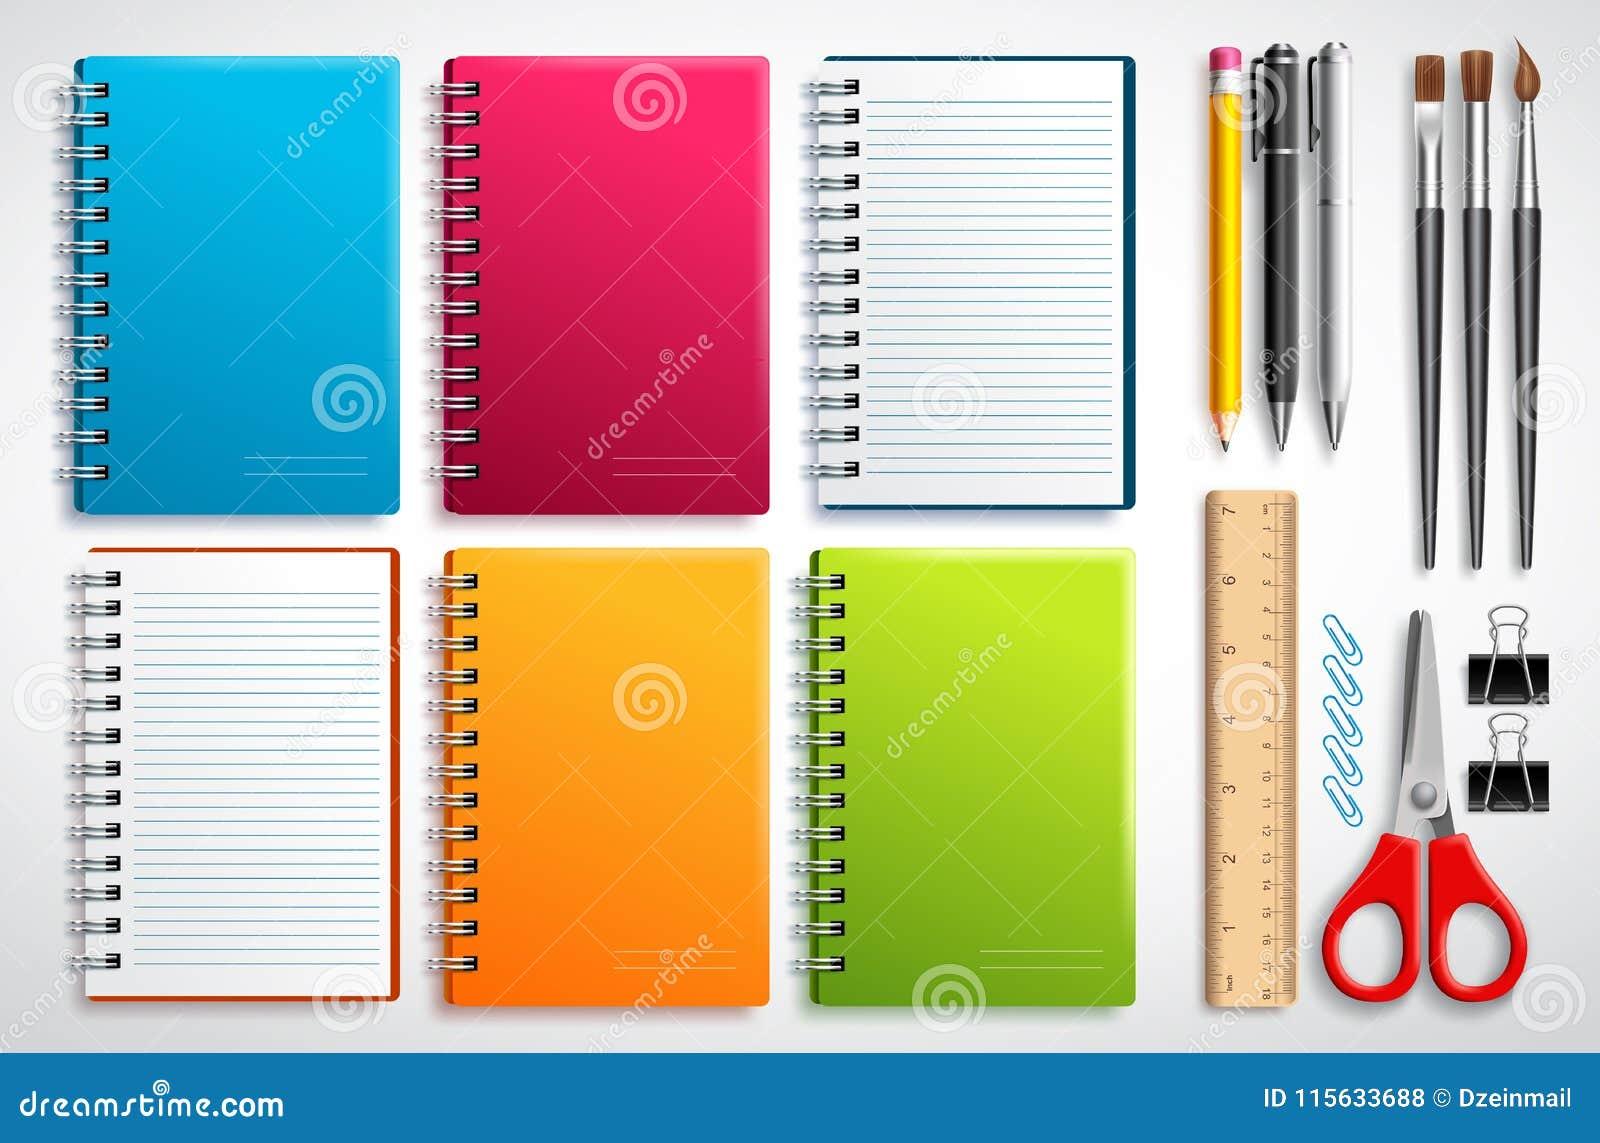 Το διάνυσμα σημειωματάριων έθεσε με τα σχολικά στοιχεία και τις προμήθειες γραφείων που απομονώθηκαν στο άσπρο υπόβαθρο